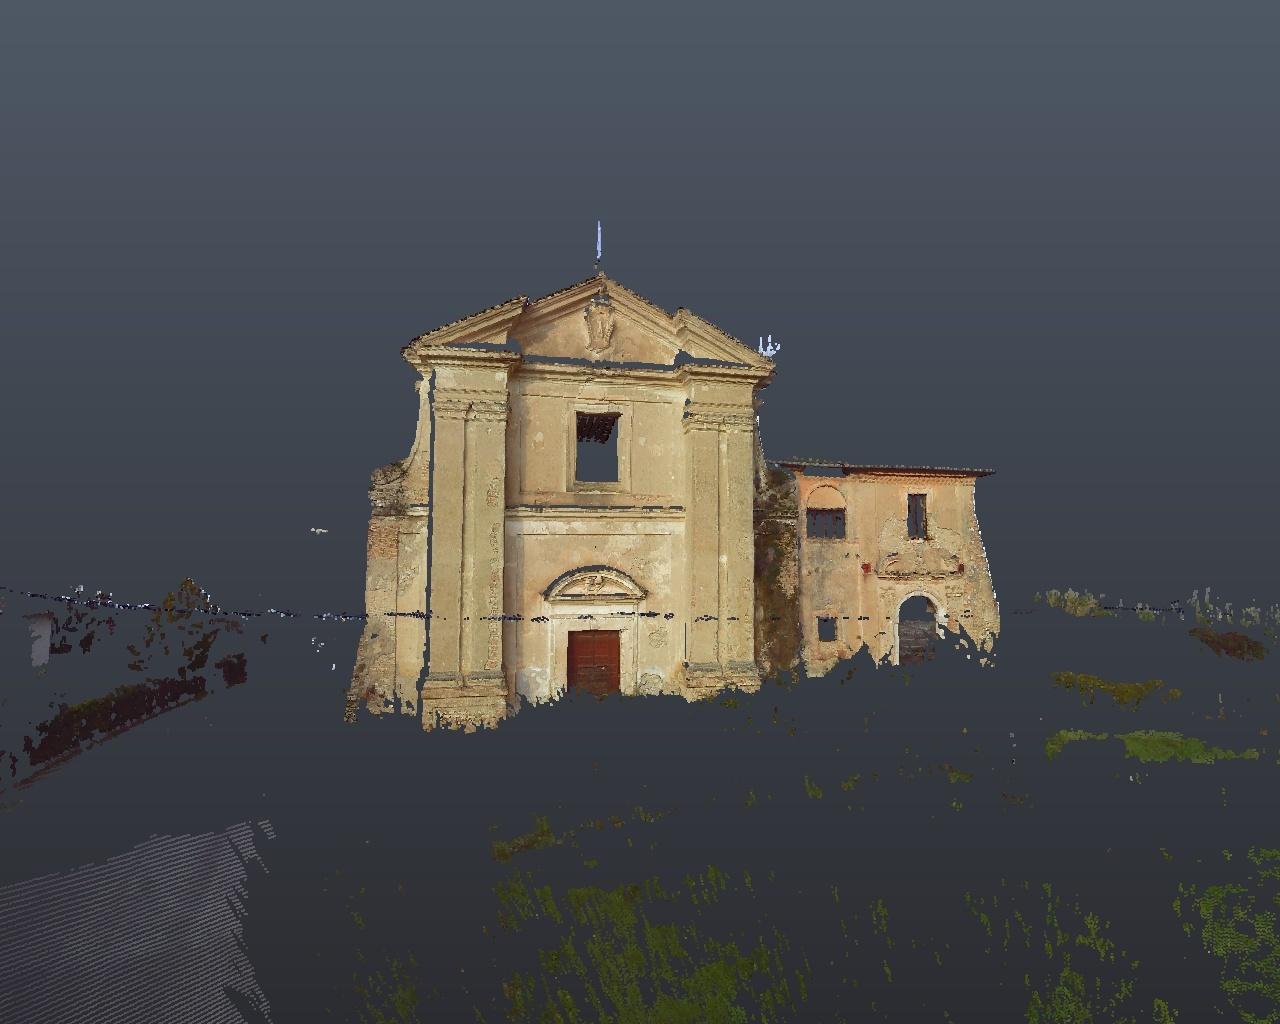 Rilievo laser scanner: Chiesa San Biagio Cantalupo (Rieti) - facciata frontale